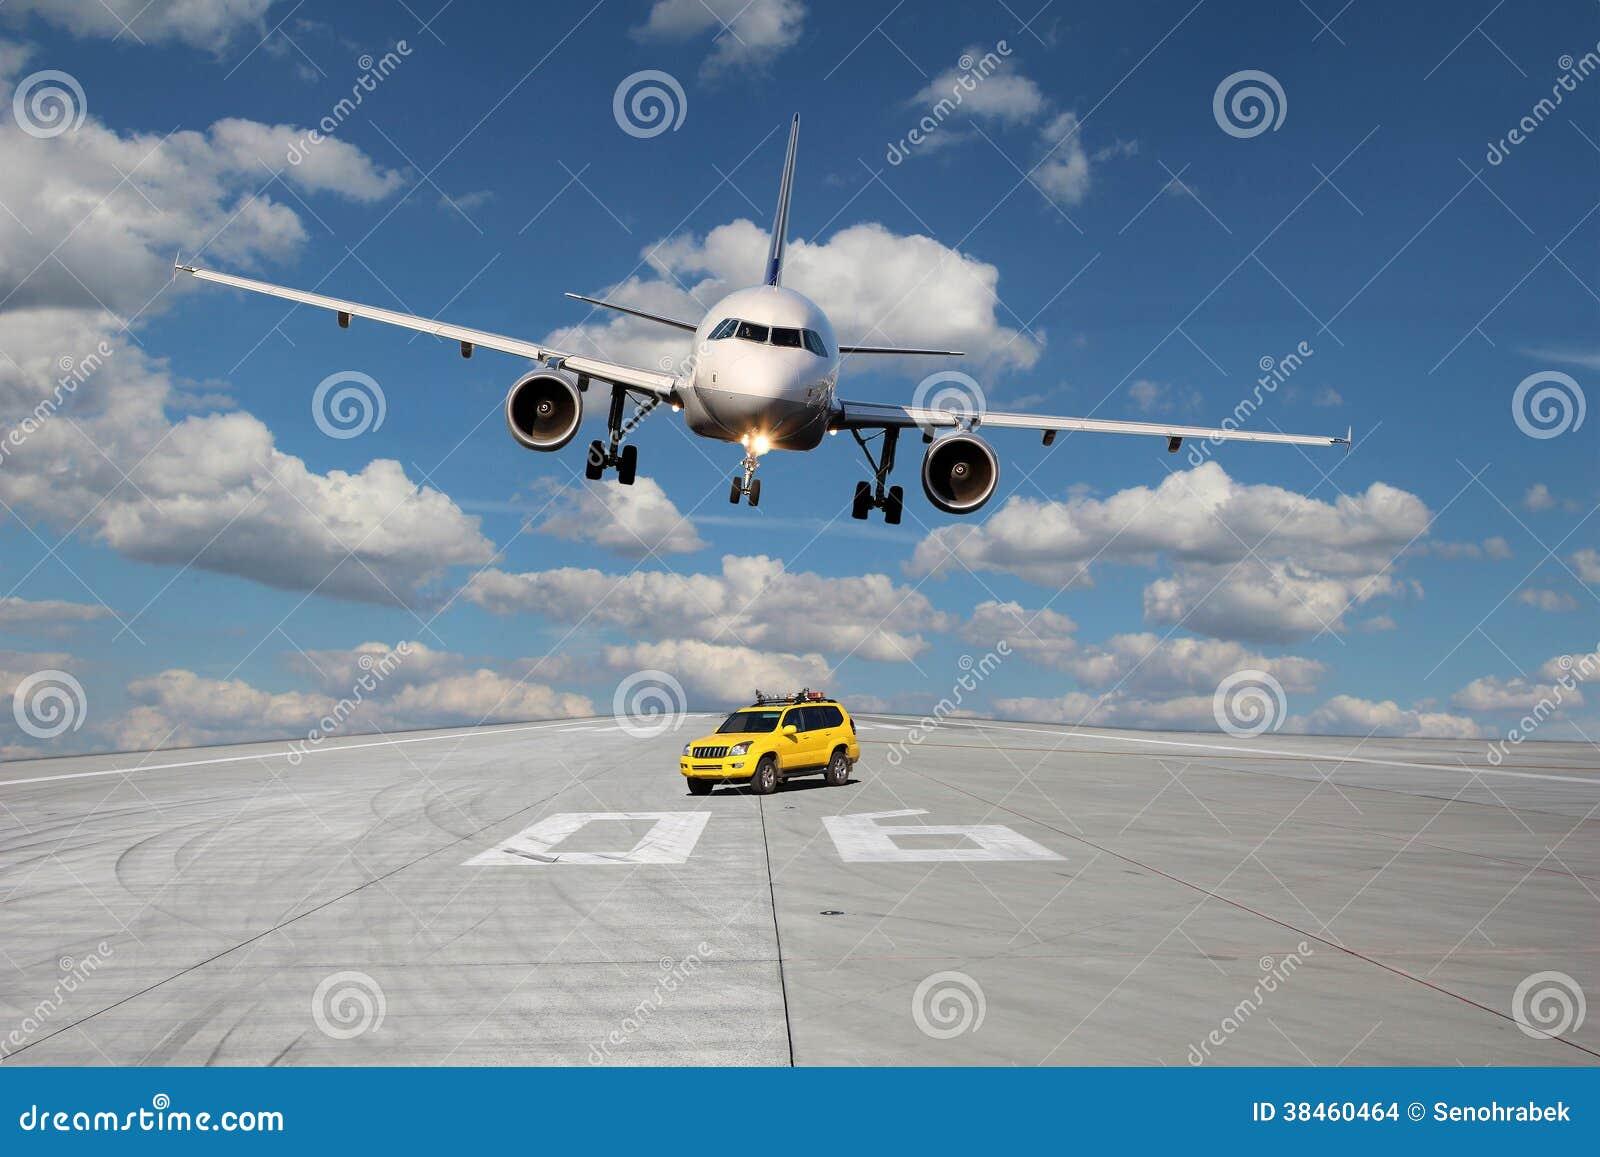 treshold de piste avec la voiture et l 39 avion photo stock image du guide arriv e 38460464. Black Bedroom Furniture Sets. Home Design Ideas